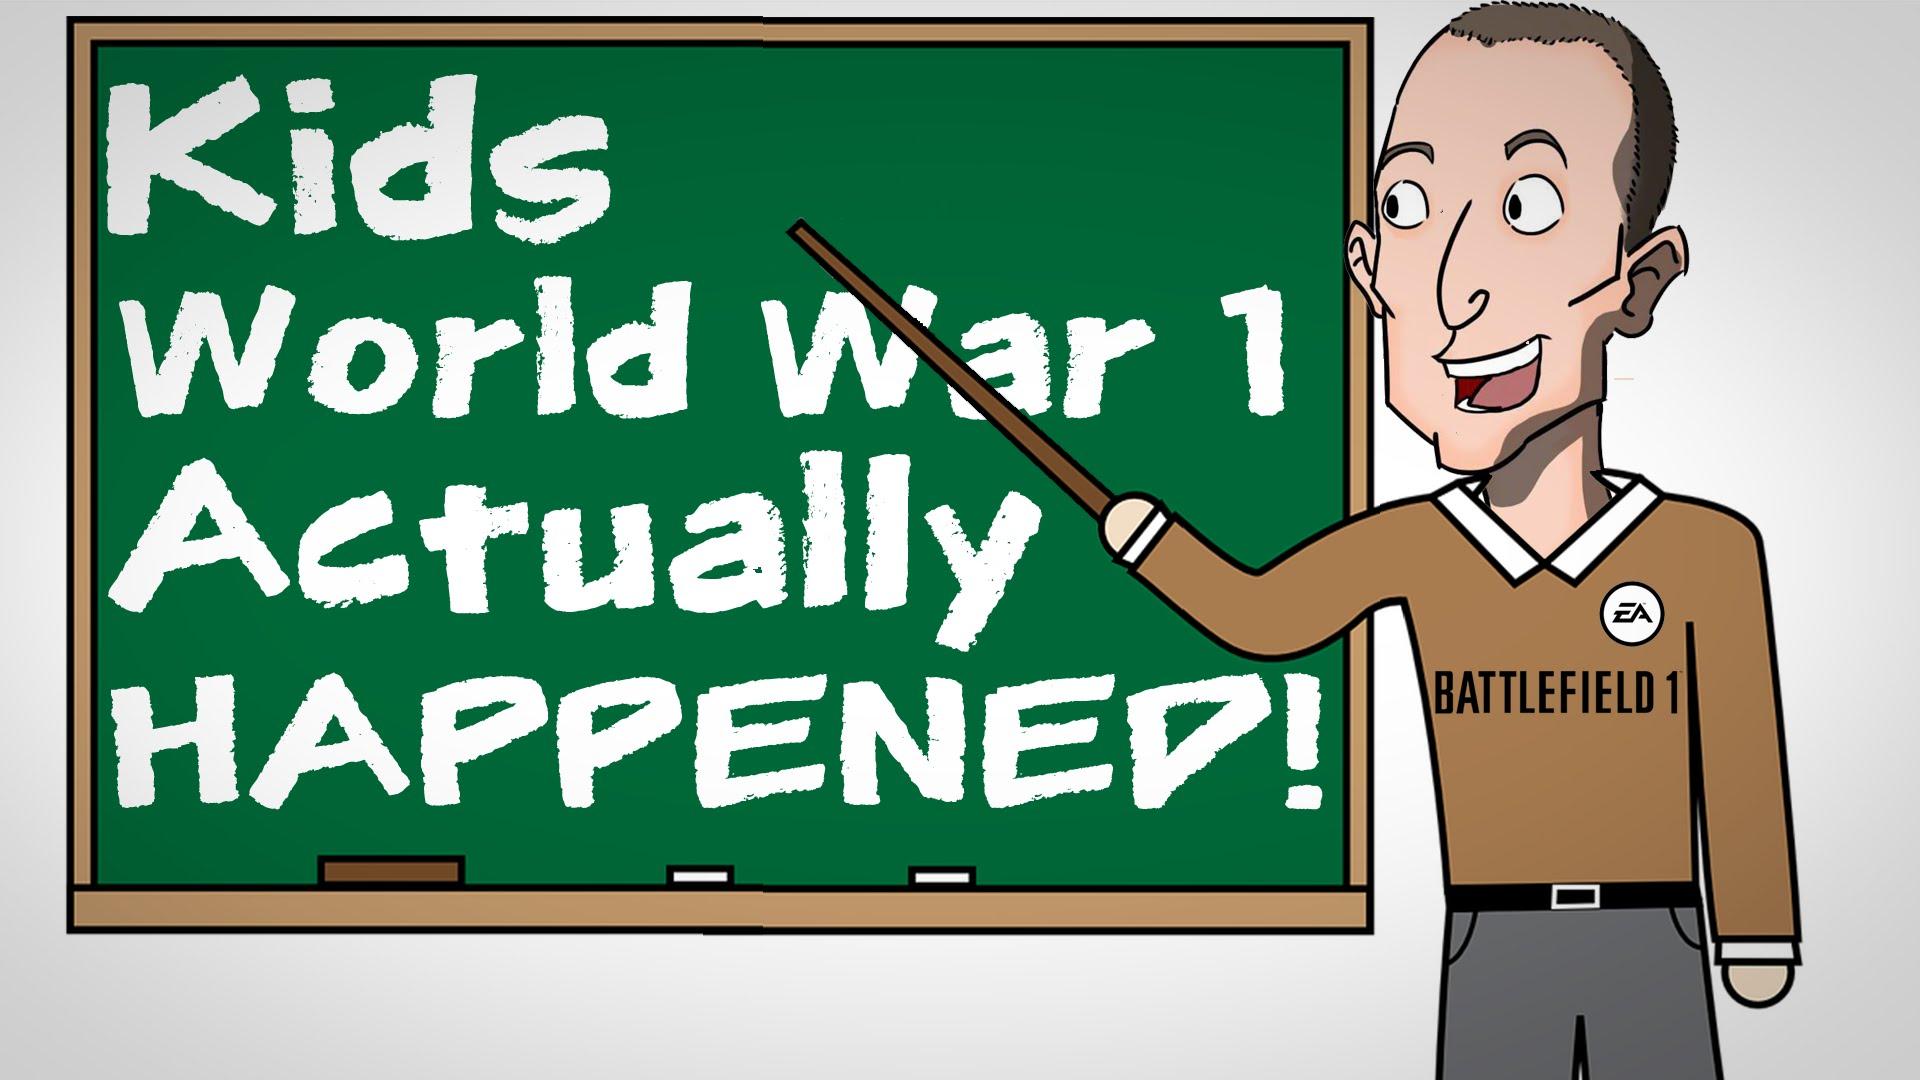 Battlefield clipart cold war #12